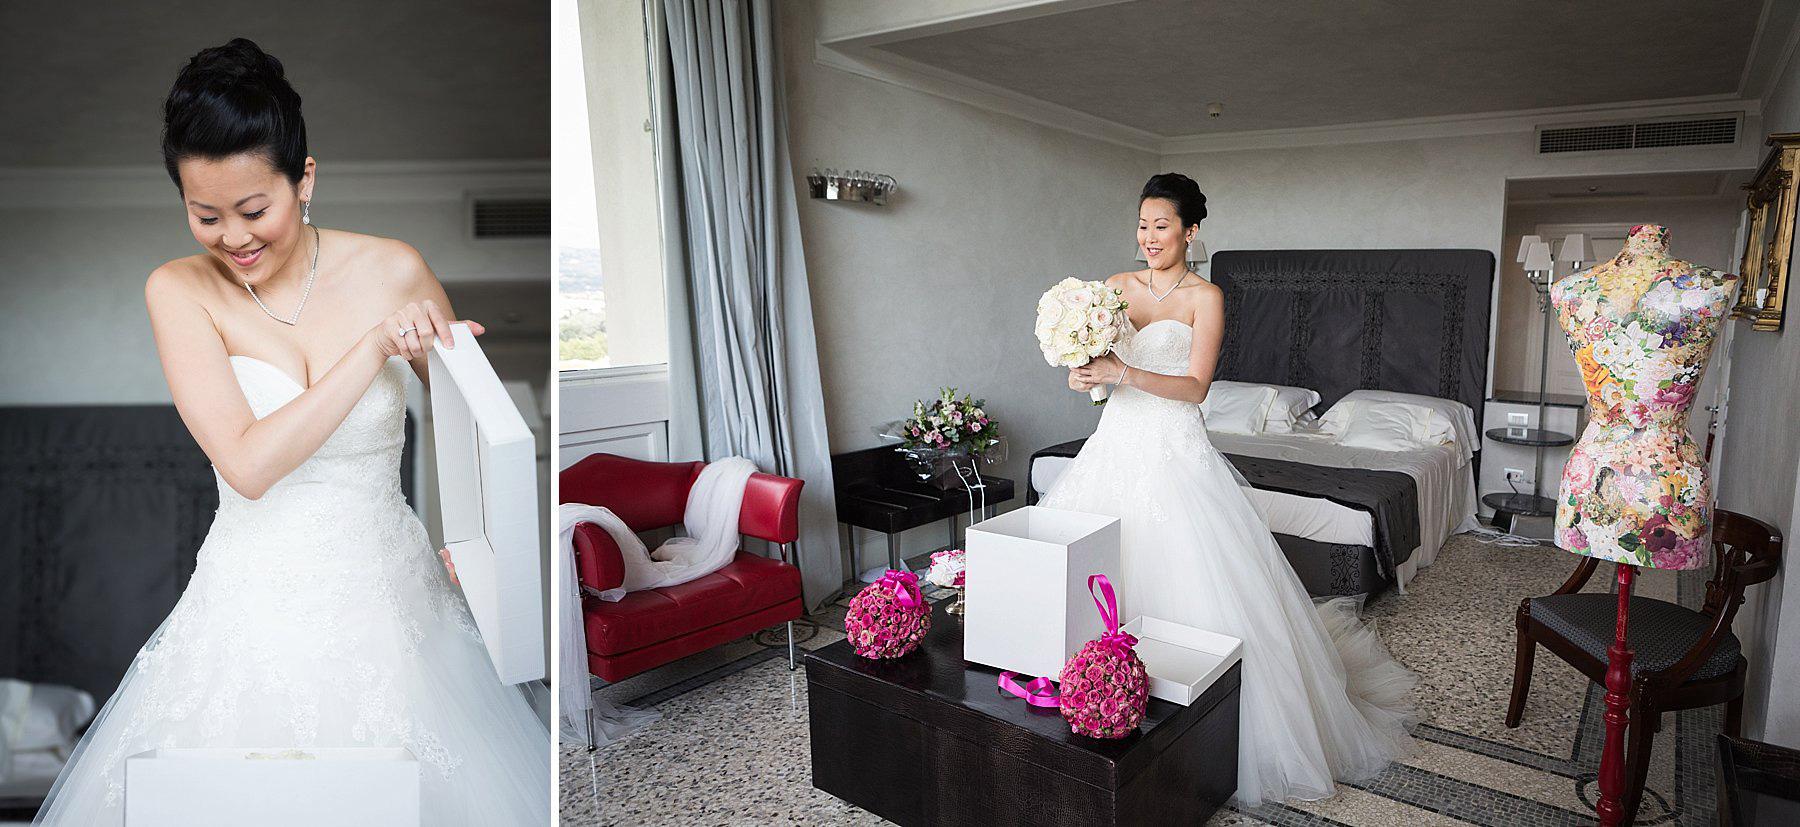 WeddingLauraAntoine-025